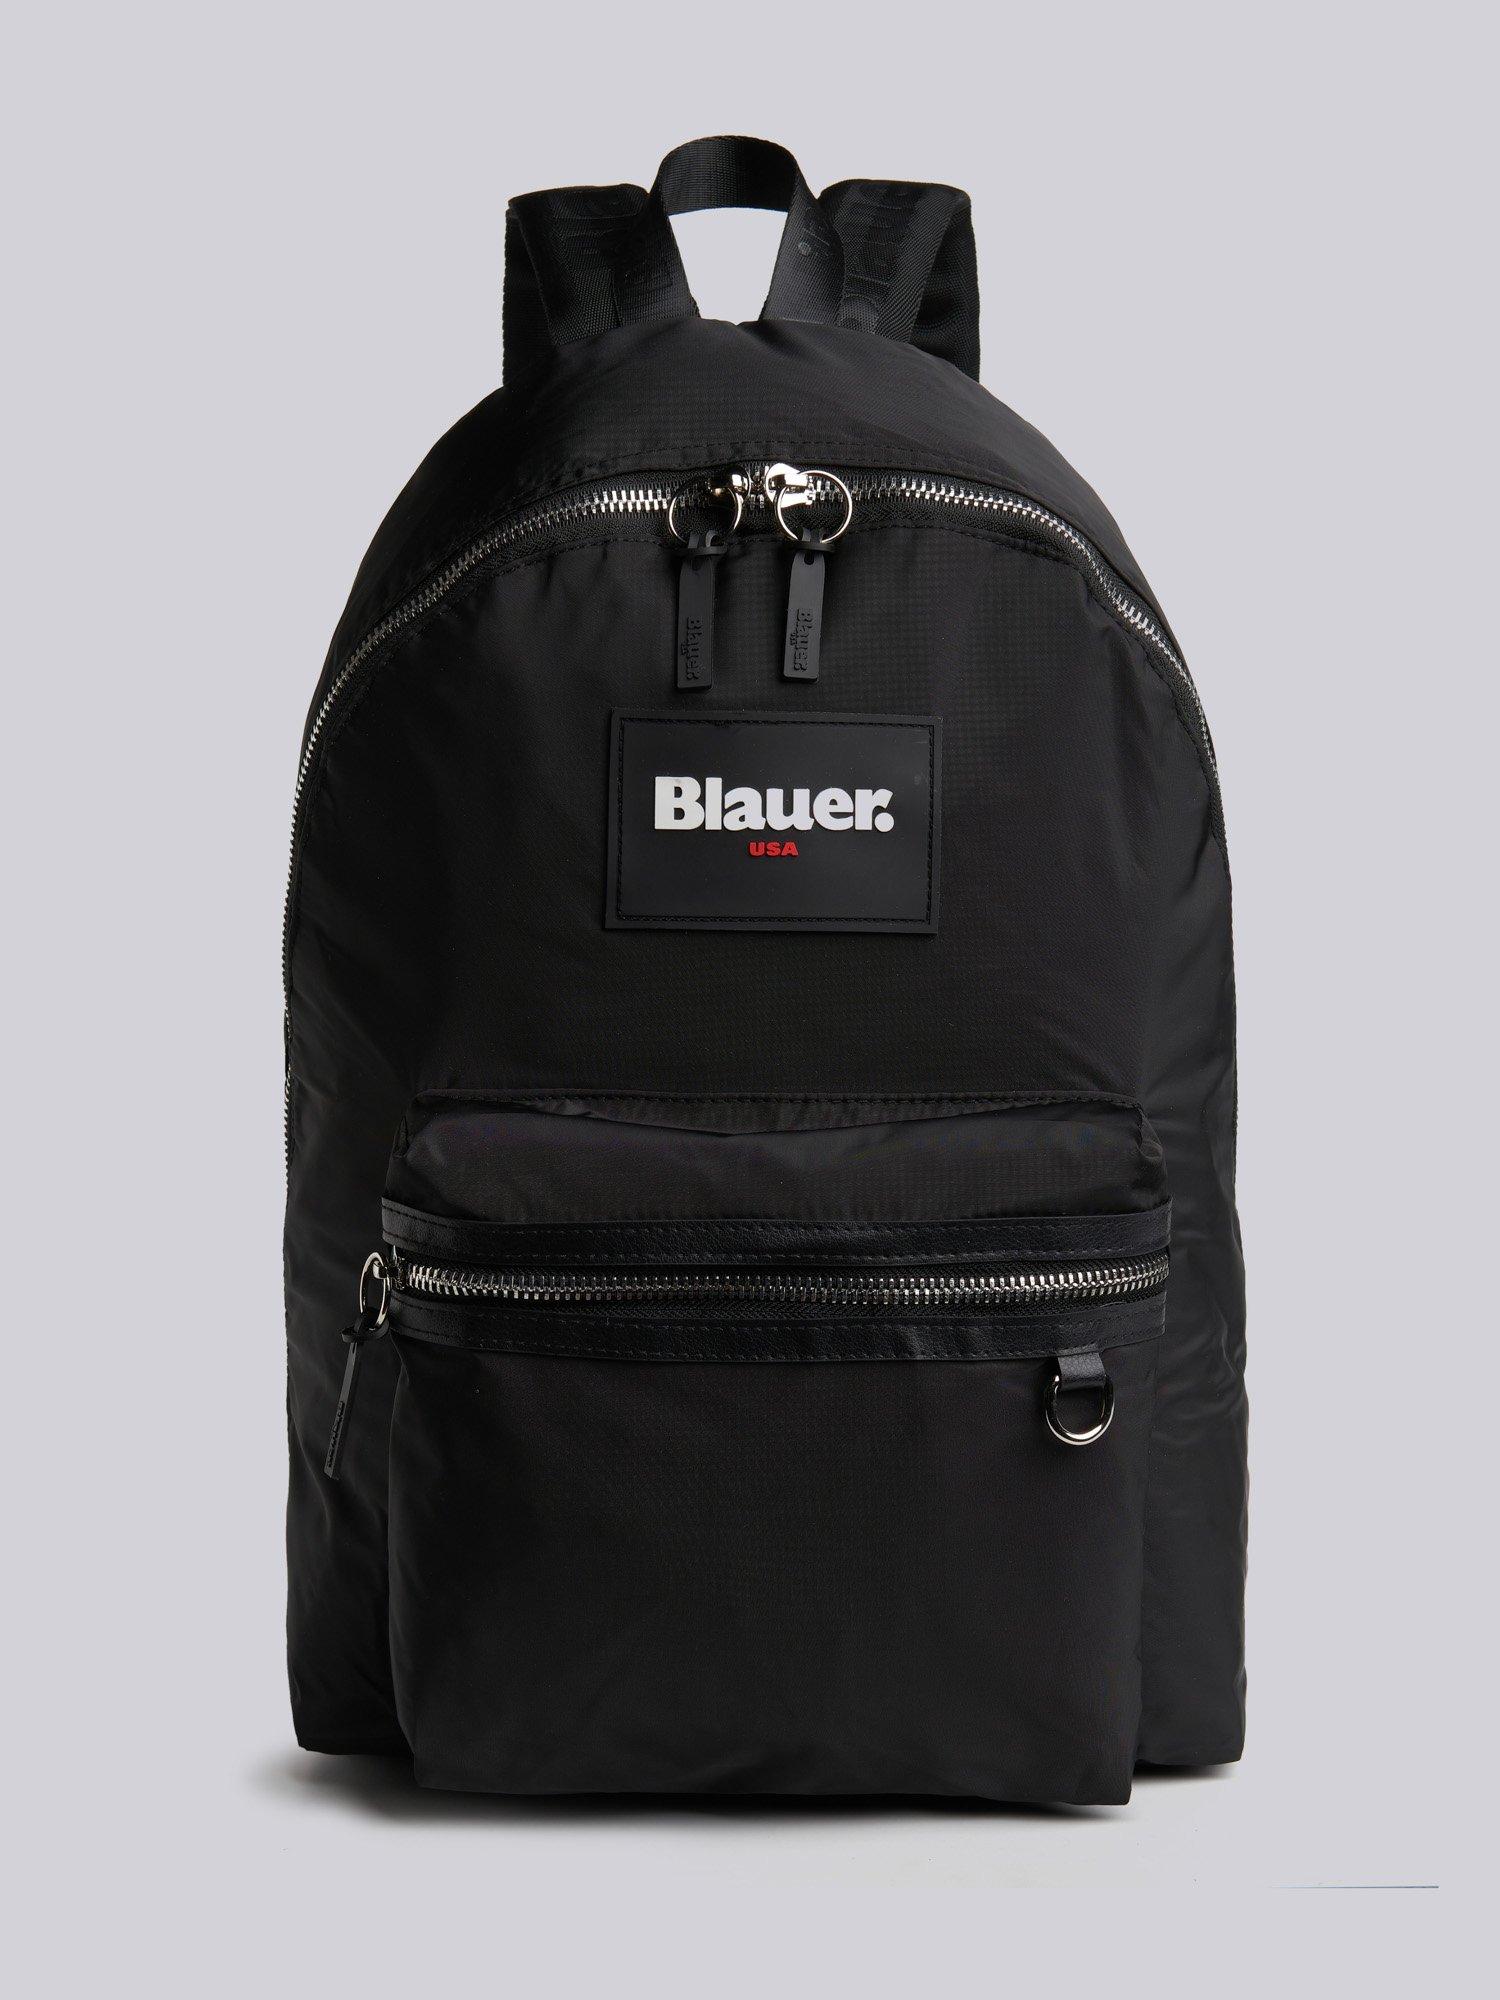 Blauer - NEVADA01C - Schwarz - Blauer